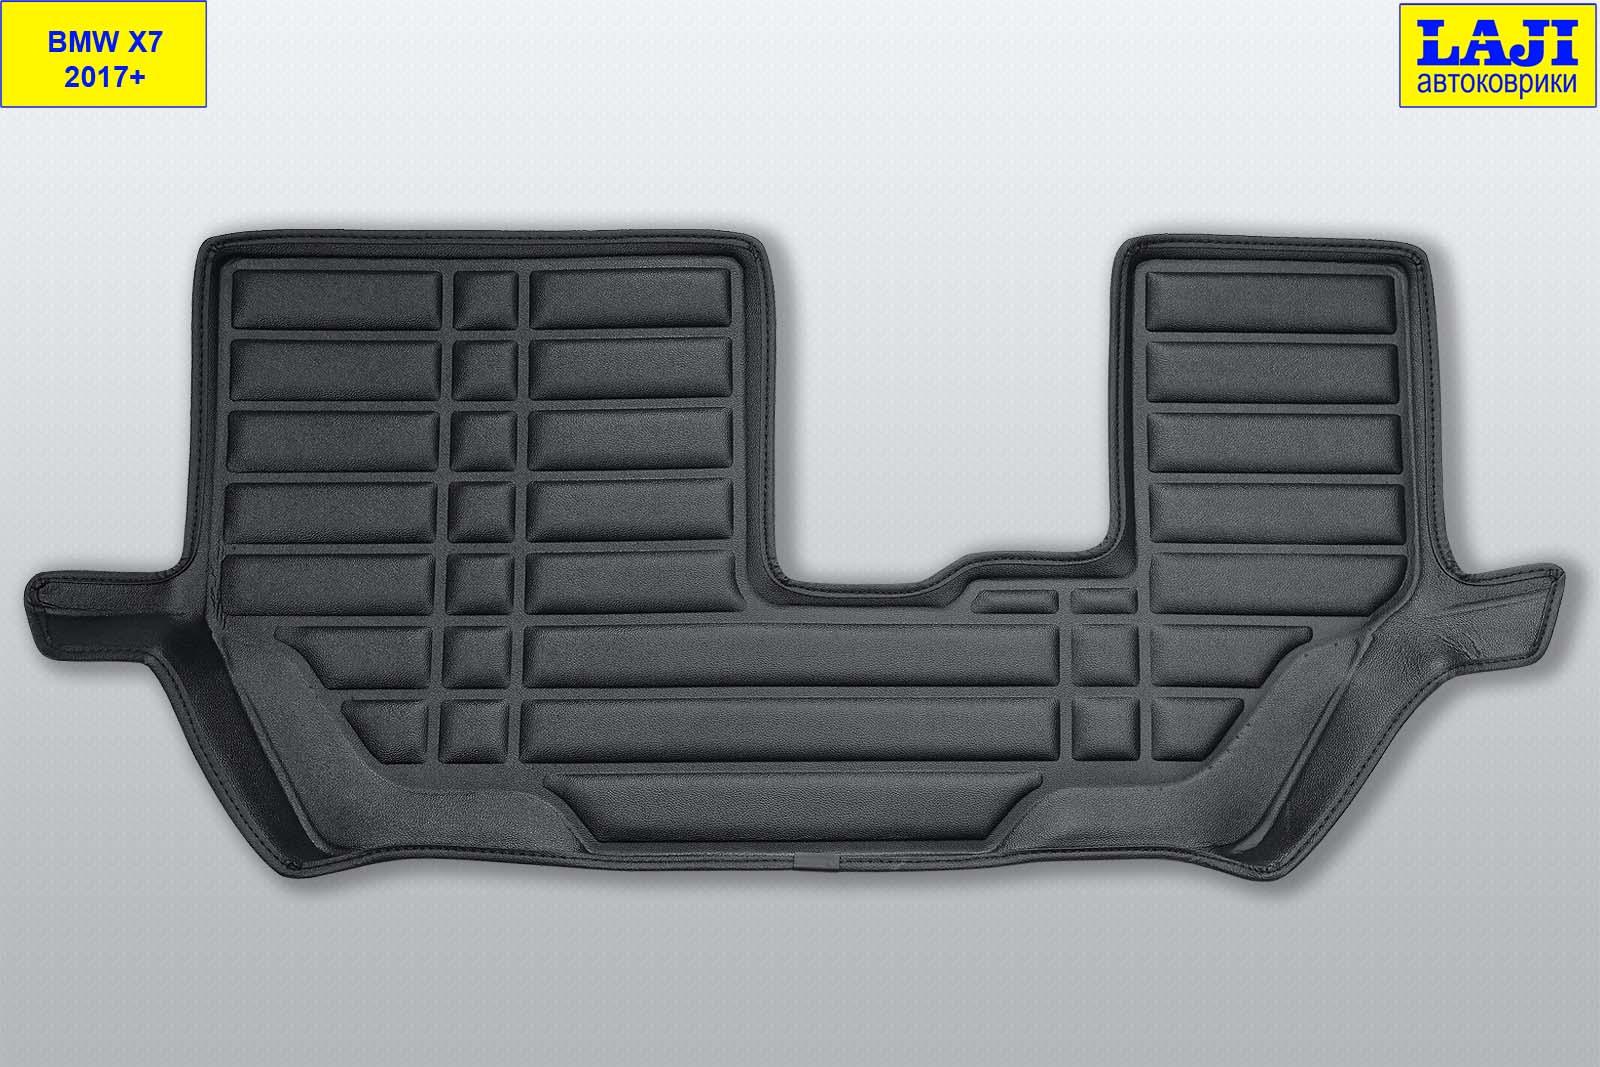 5D коврики в салон BMW X7, 6 мест, 2017-н.в. 11